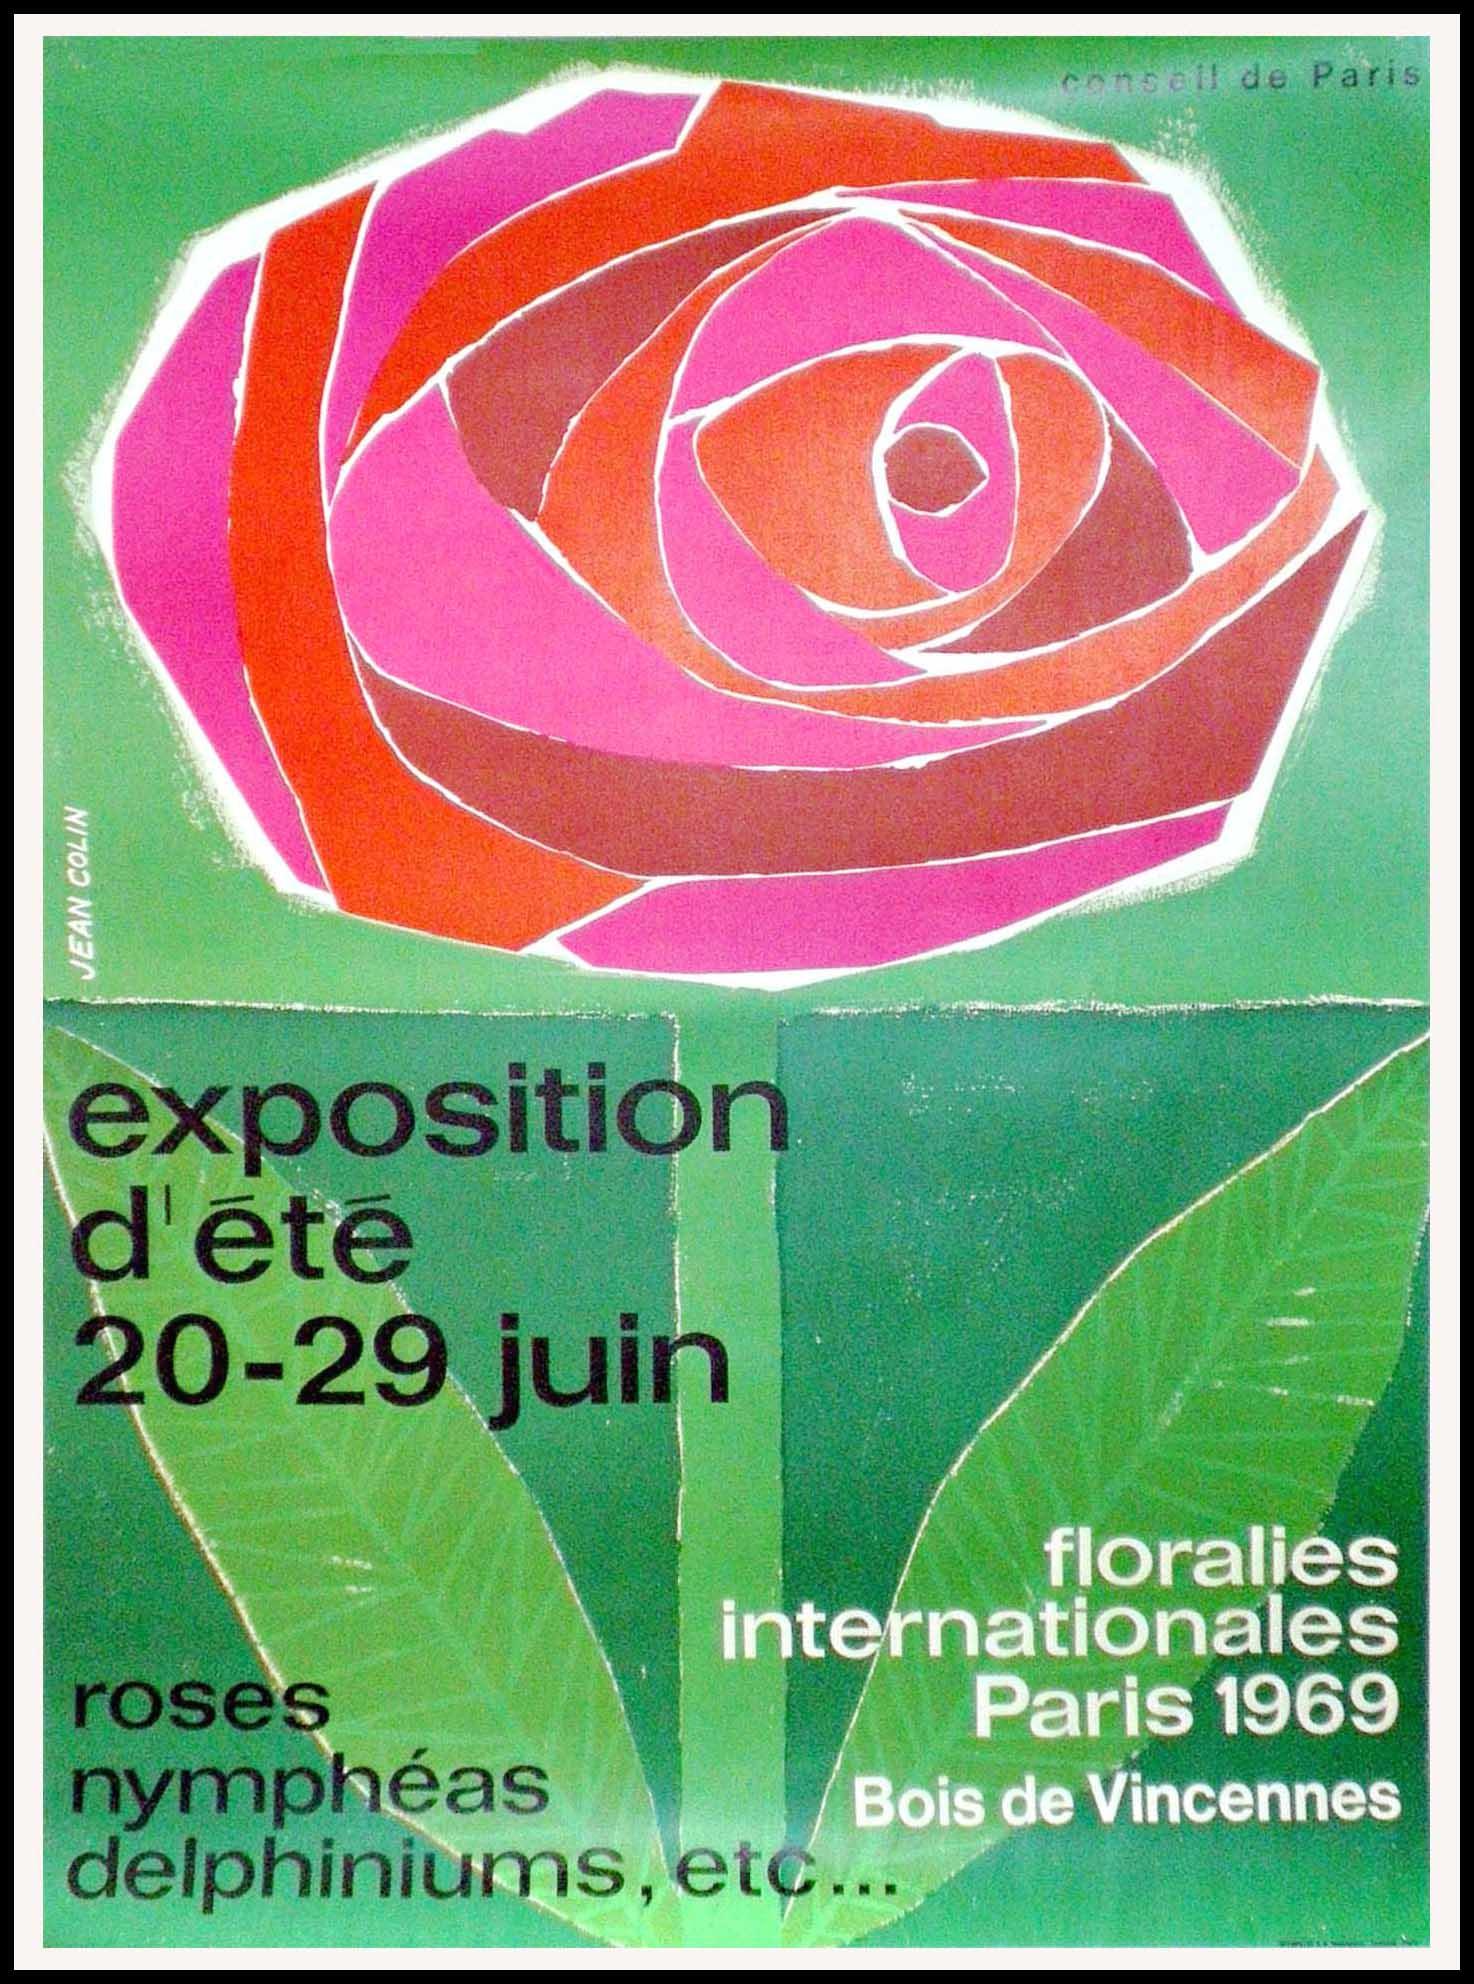 """(alt=""""original exhibition poster Floralies internationales Paris 1969 Bois de Vincennes signed Jean COLIN 1950"""")"""